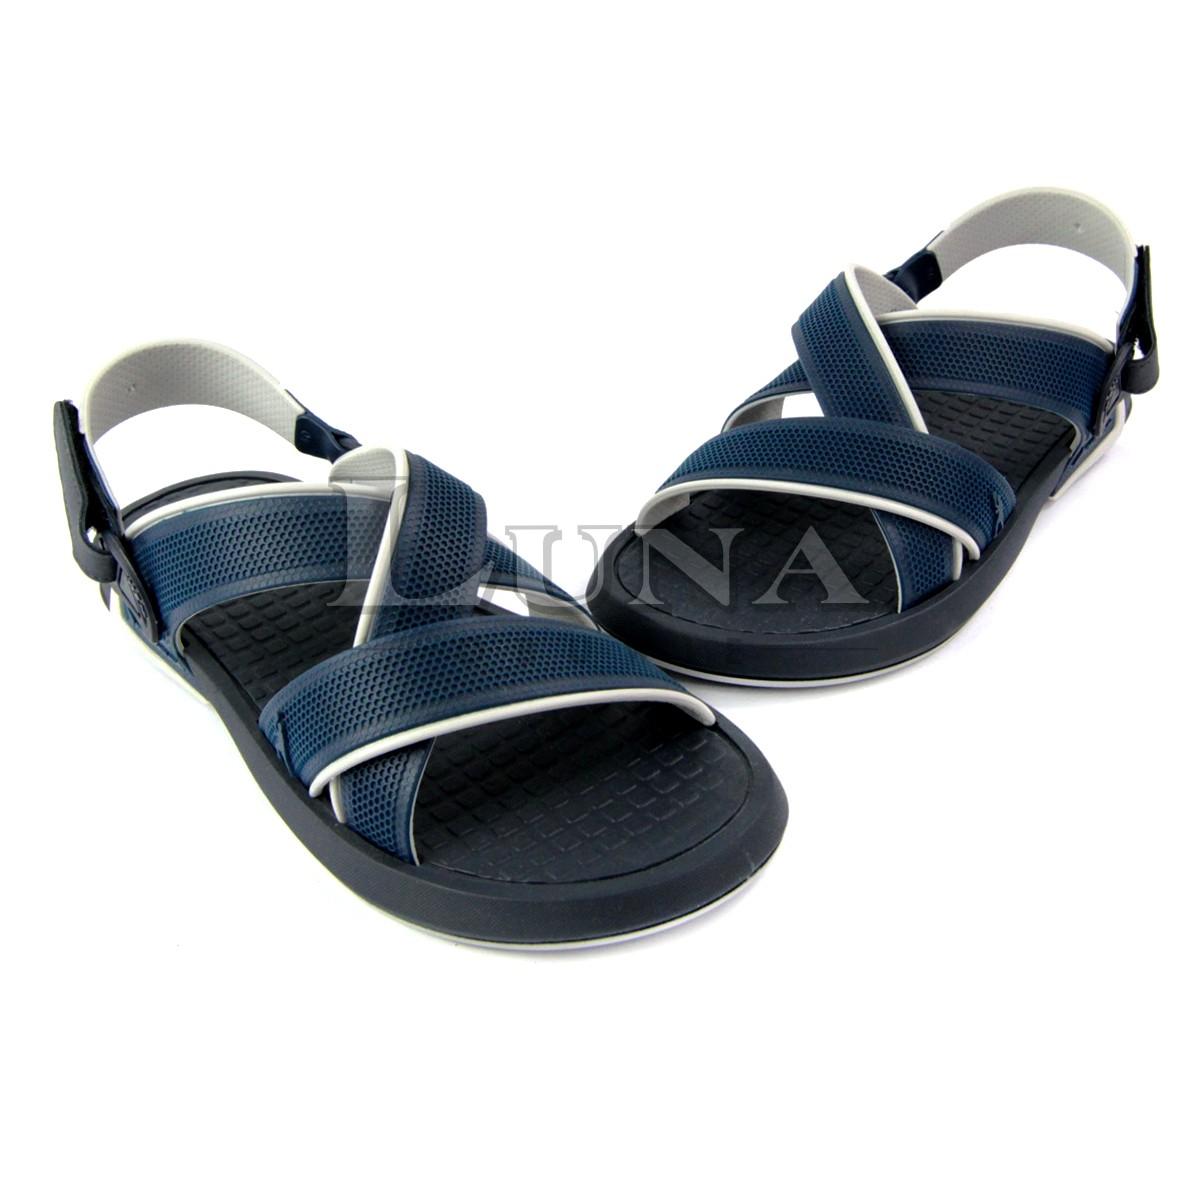 Sandały RIDER (cena 99 zł)